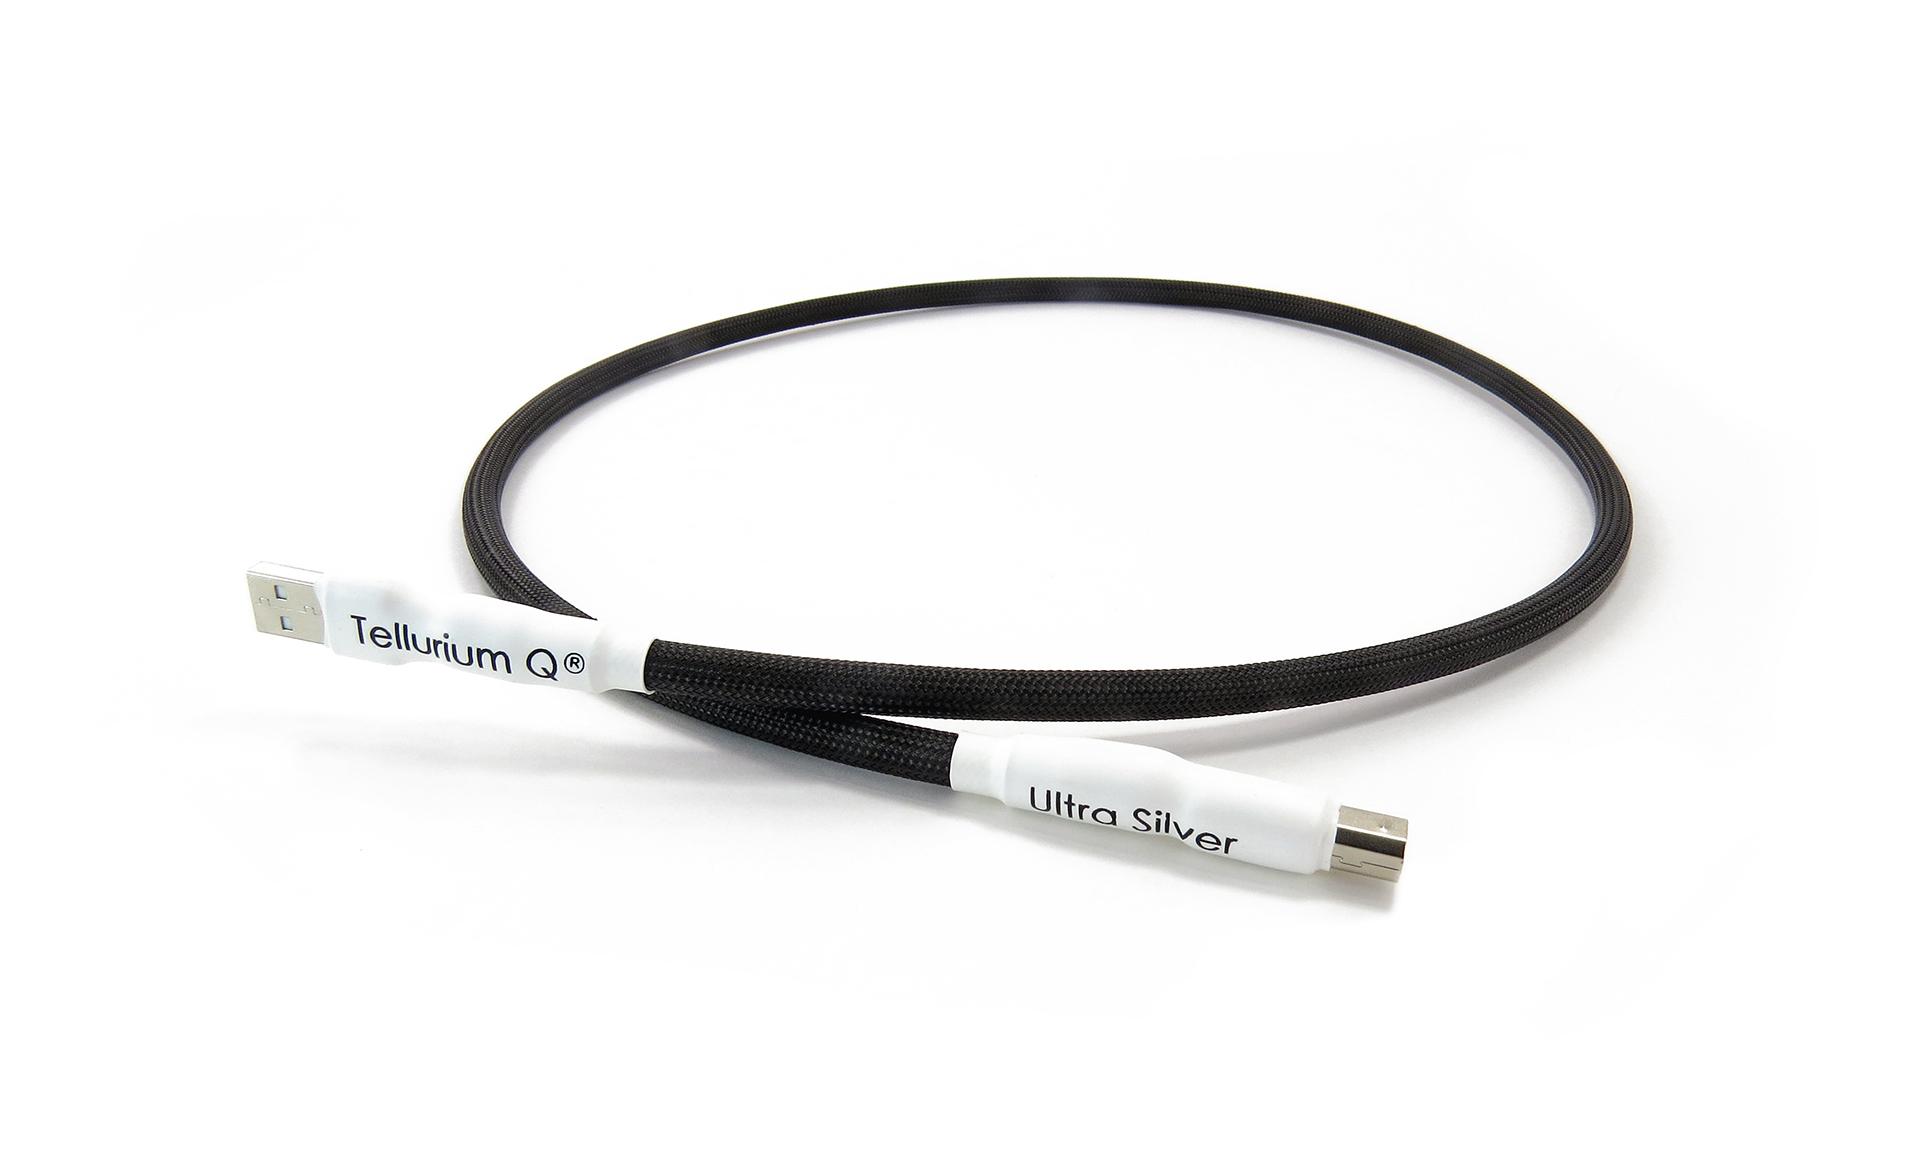 Tellurium Q | Ultra Silver | USB Kabel